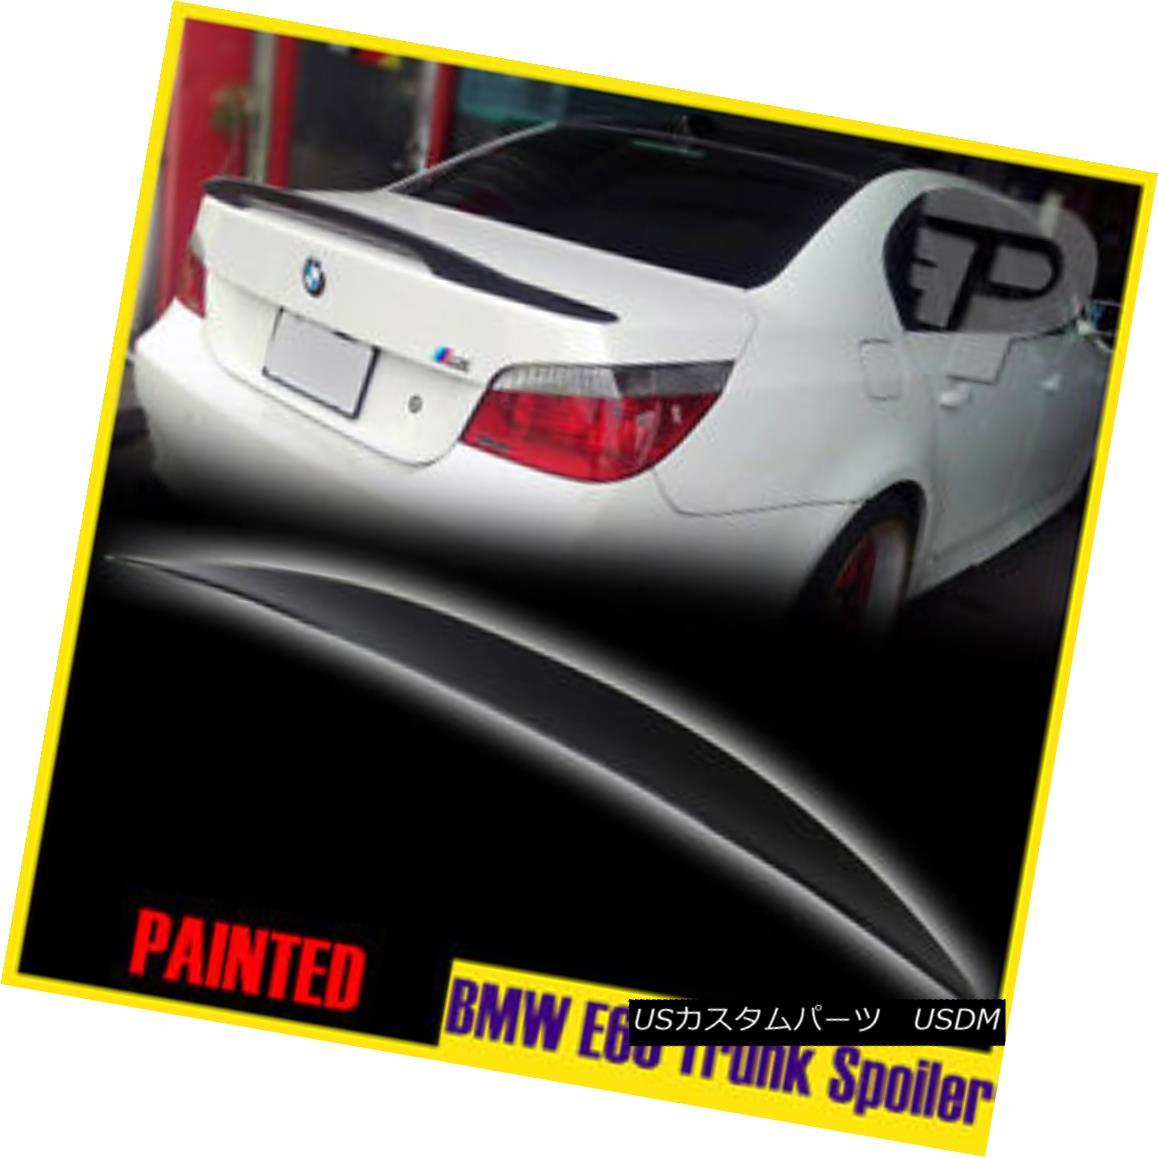 エアロパーツ High Kick BMW 5-Series E60 Saloon Painted Performance-Look Trunk Lip Spoiler ハイキックBMW 5シリーズE60サルーンペイントパフォーマンス - ロウokトランクリップスポイラー